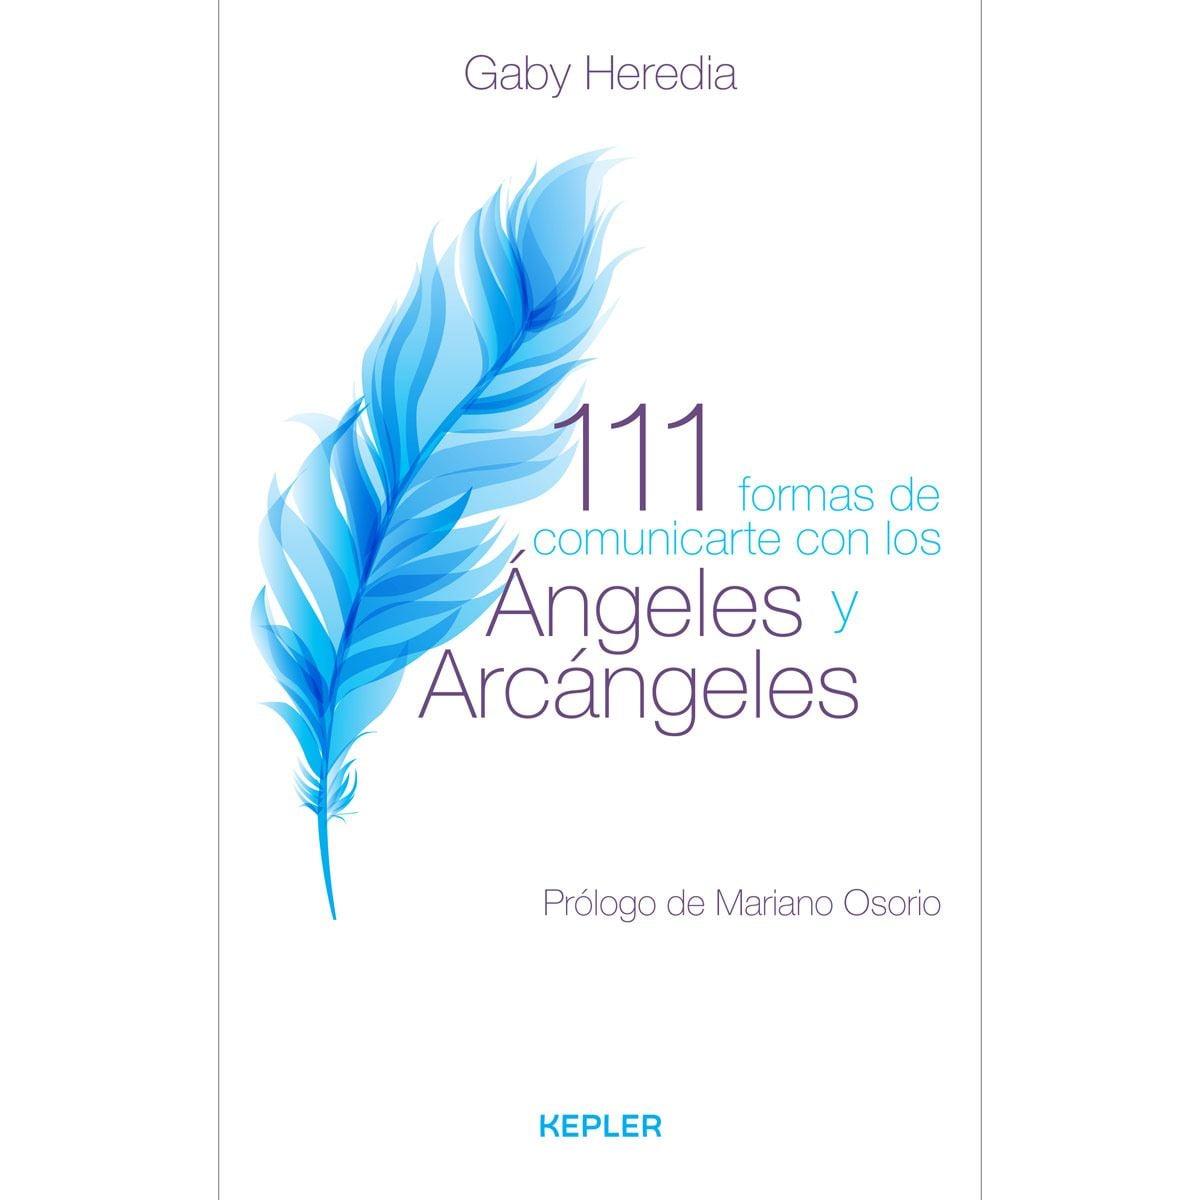 111 formas de comunicarte con los Angeles y Arcángeles